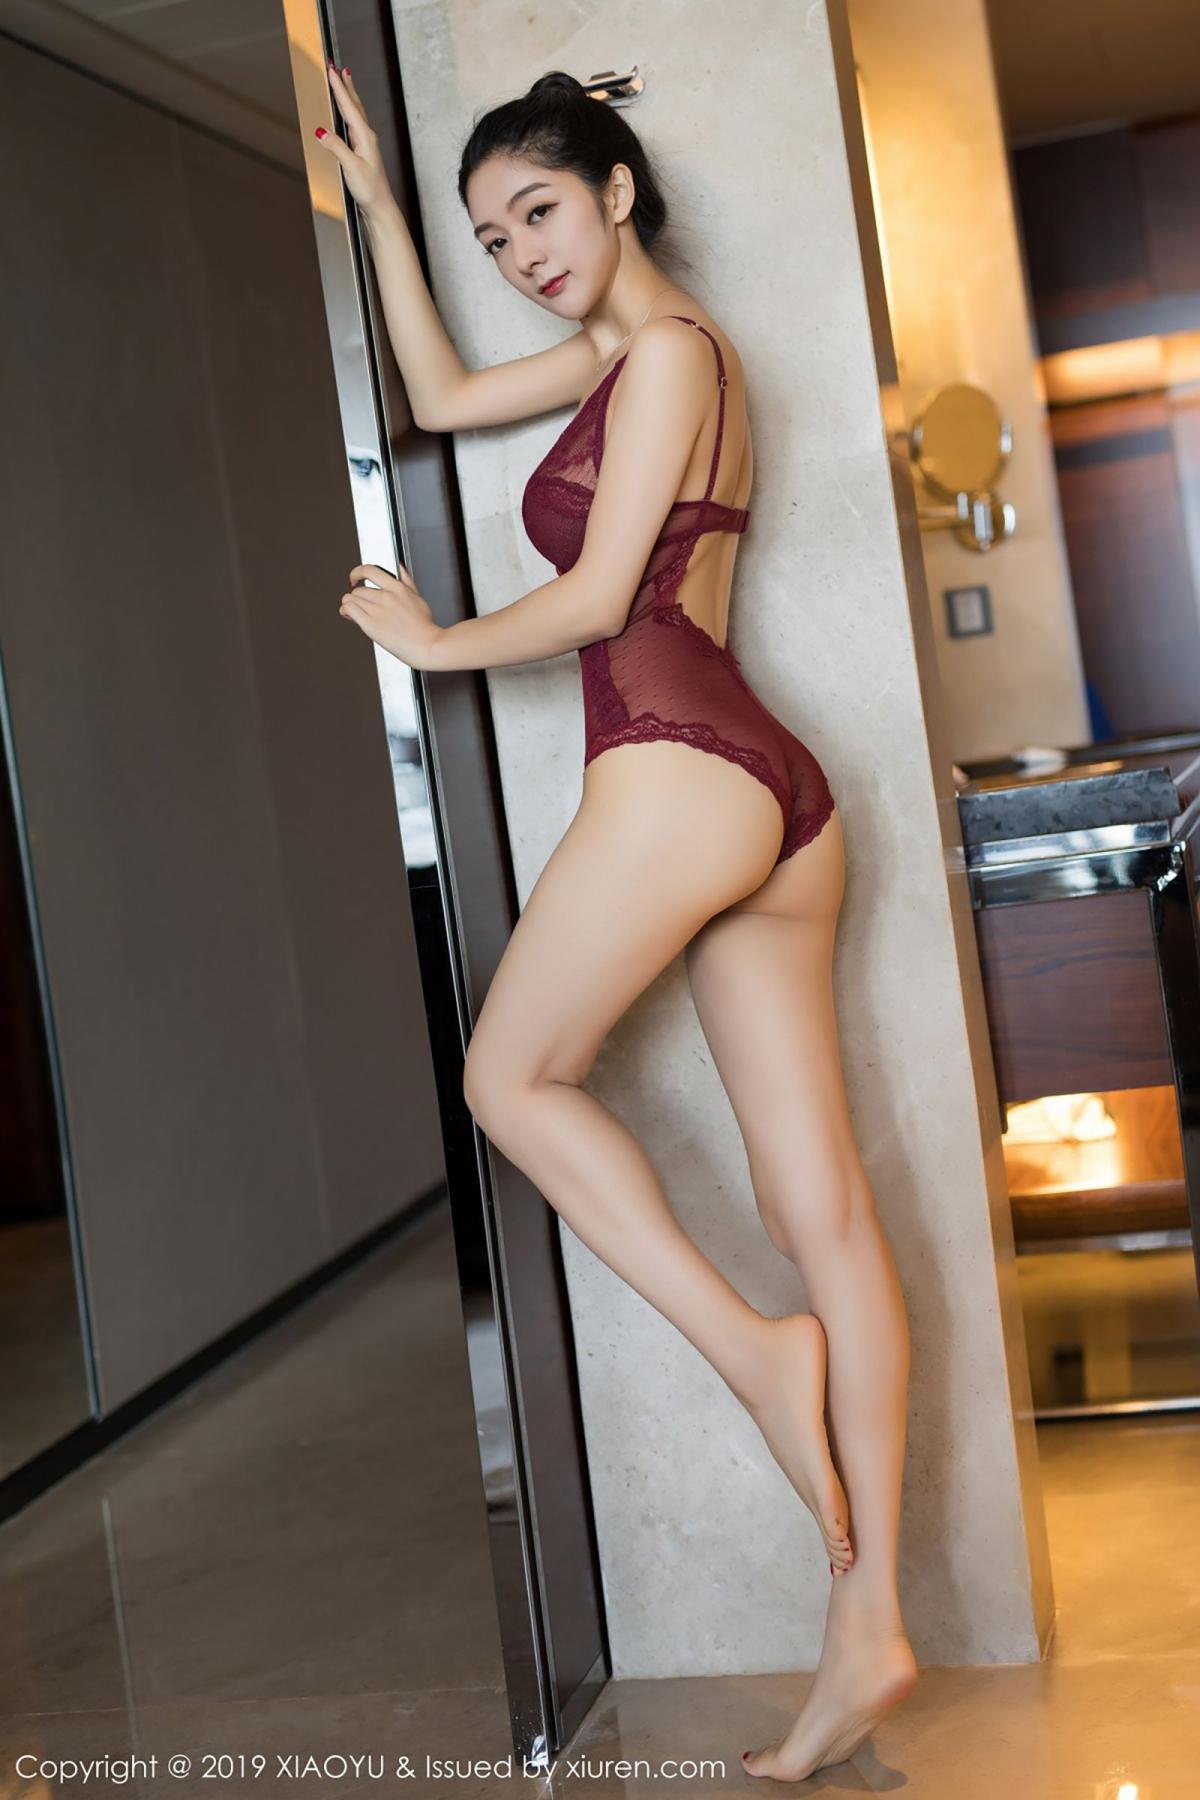 [XiaoYu] Vol.017 Di Yi 1P, Bathroom, Di Yi, Underwear, Wet, XiaoYu